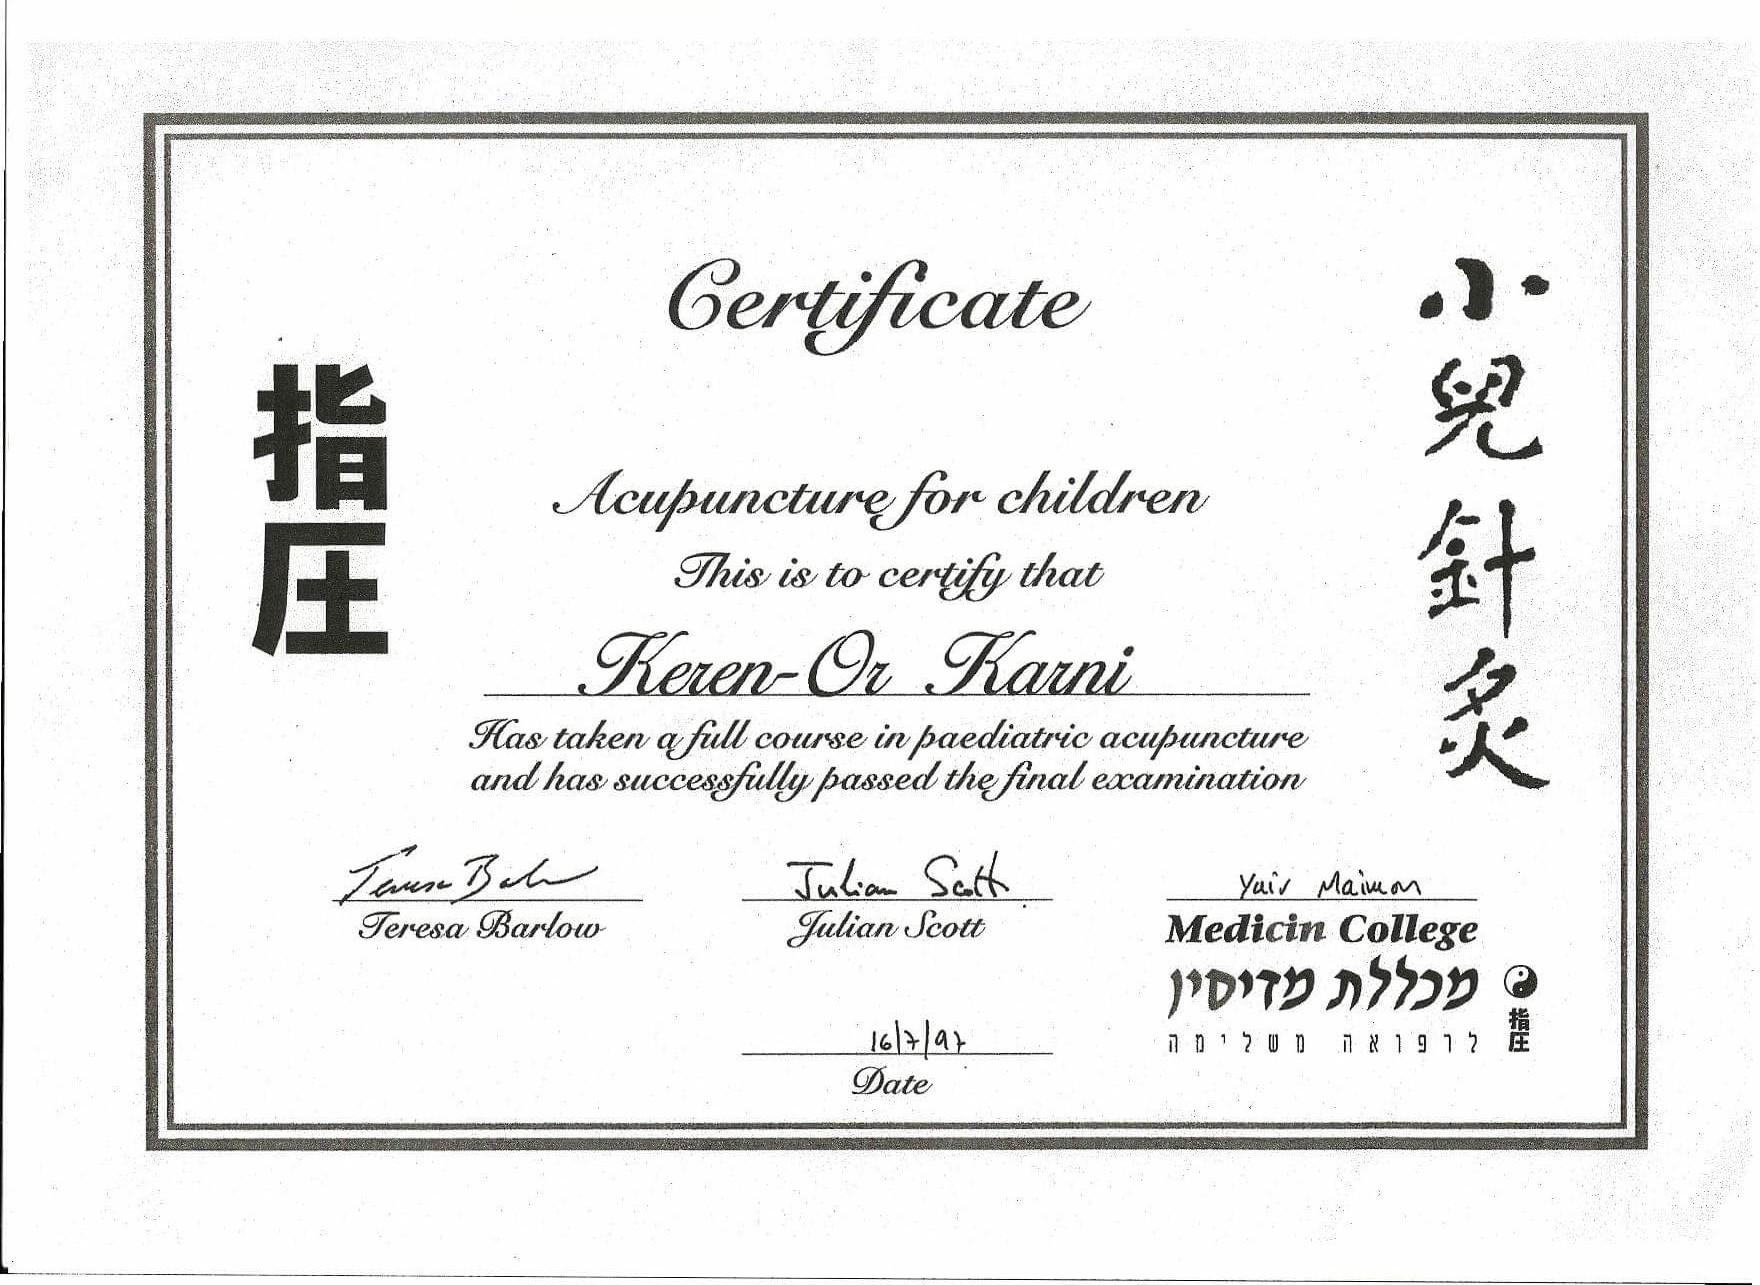 מכללת מדיסין לרפואה משלימה מטפלת מוסמכת לדיקור סיני בילדים